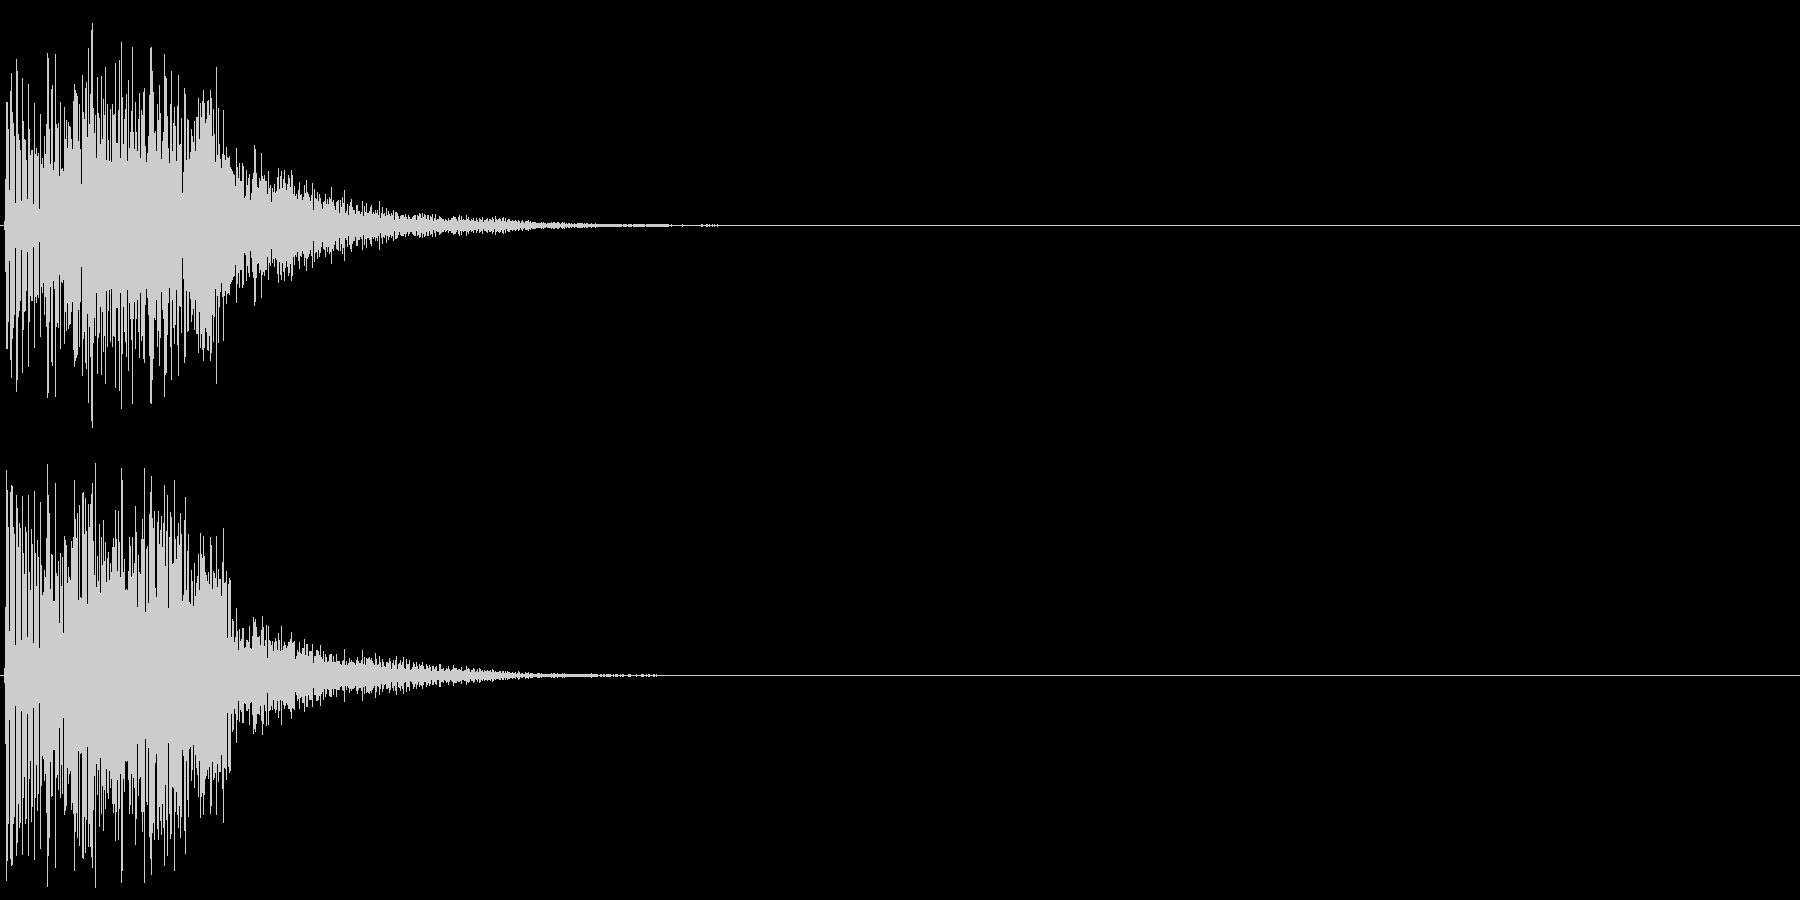 シンセ音(決定音、操作、アプリ、ゲーム)の未再生の波形